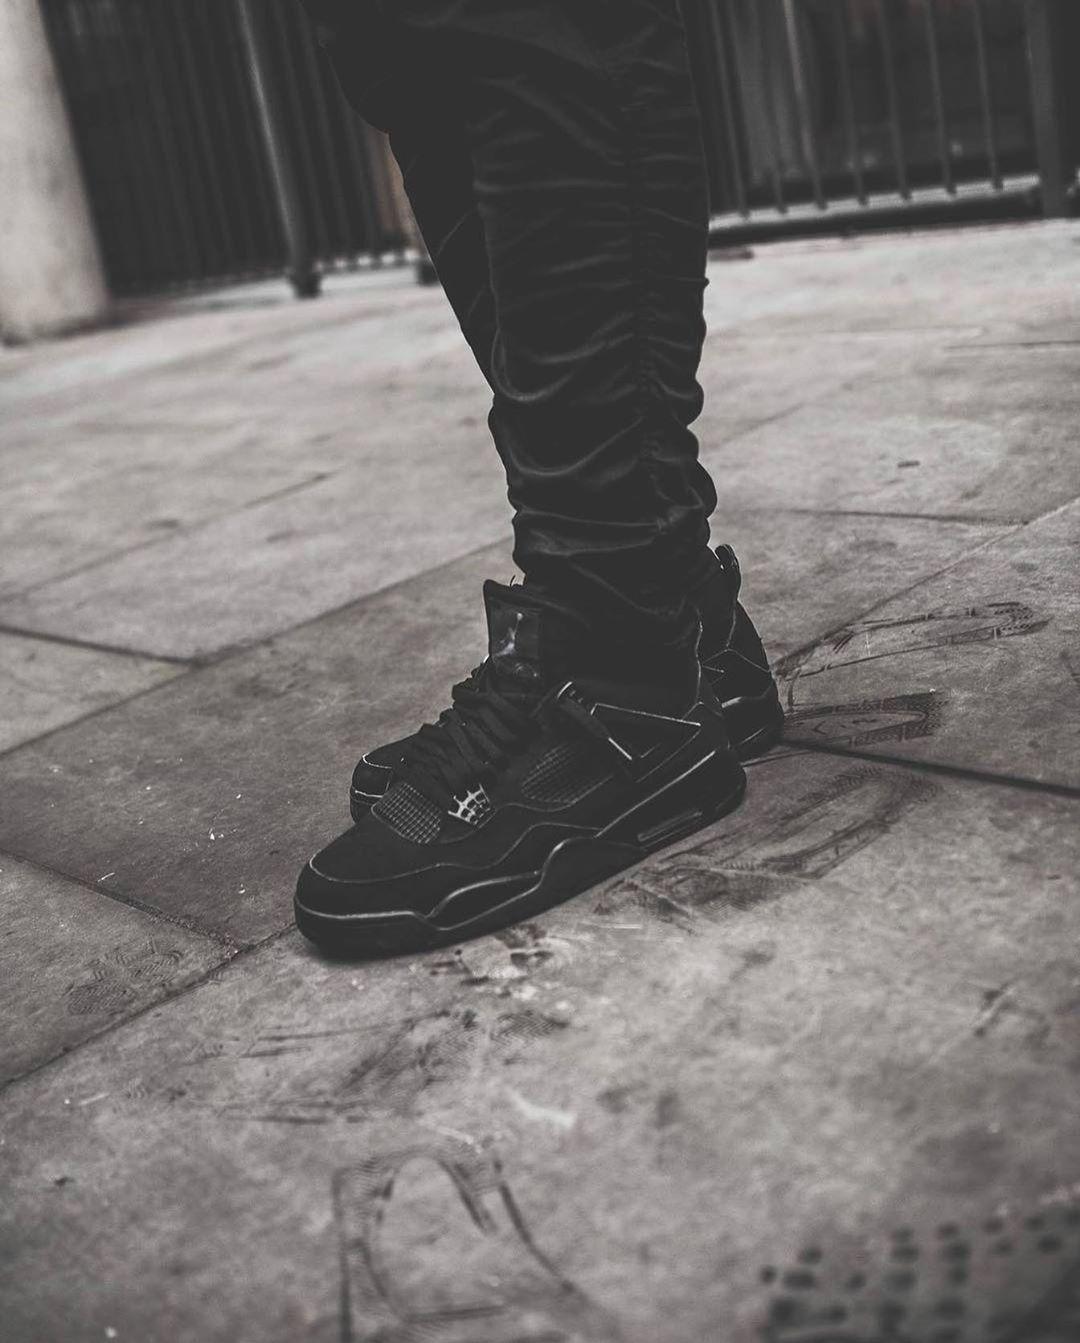 Jordan 4 black, Air jordans